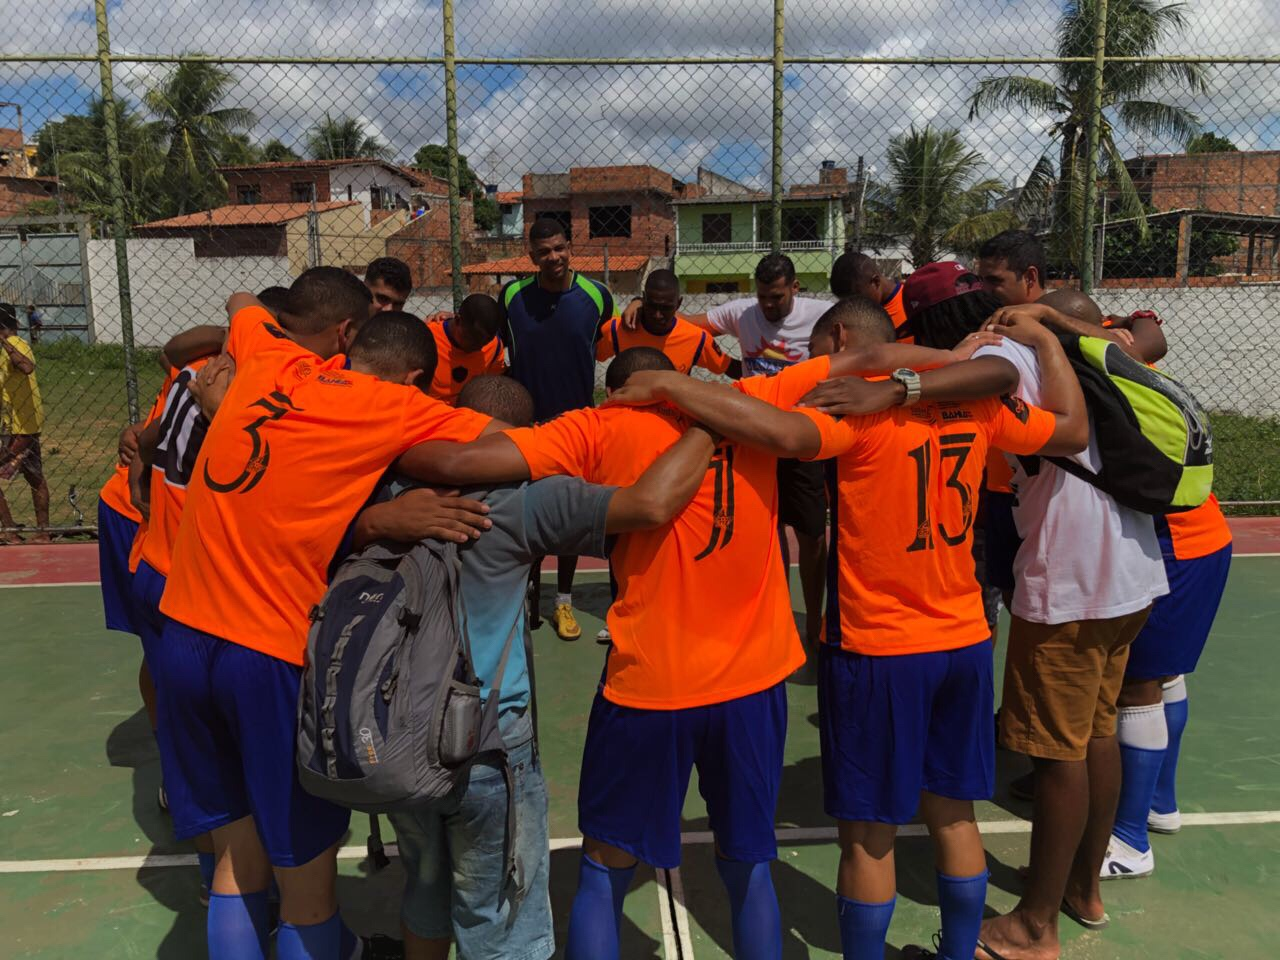 Malazarte vence na 1ª rodada do 6º campeonato de futsal da Associação dos Moradores e Amigos do Parque São Paulo